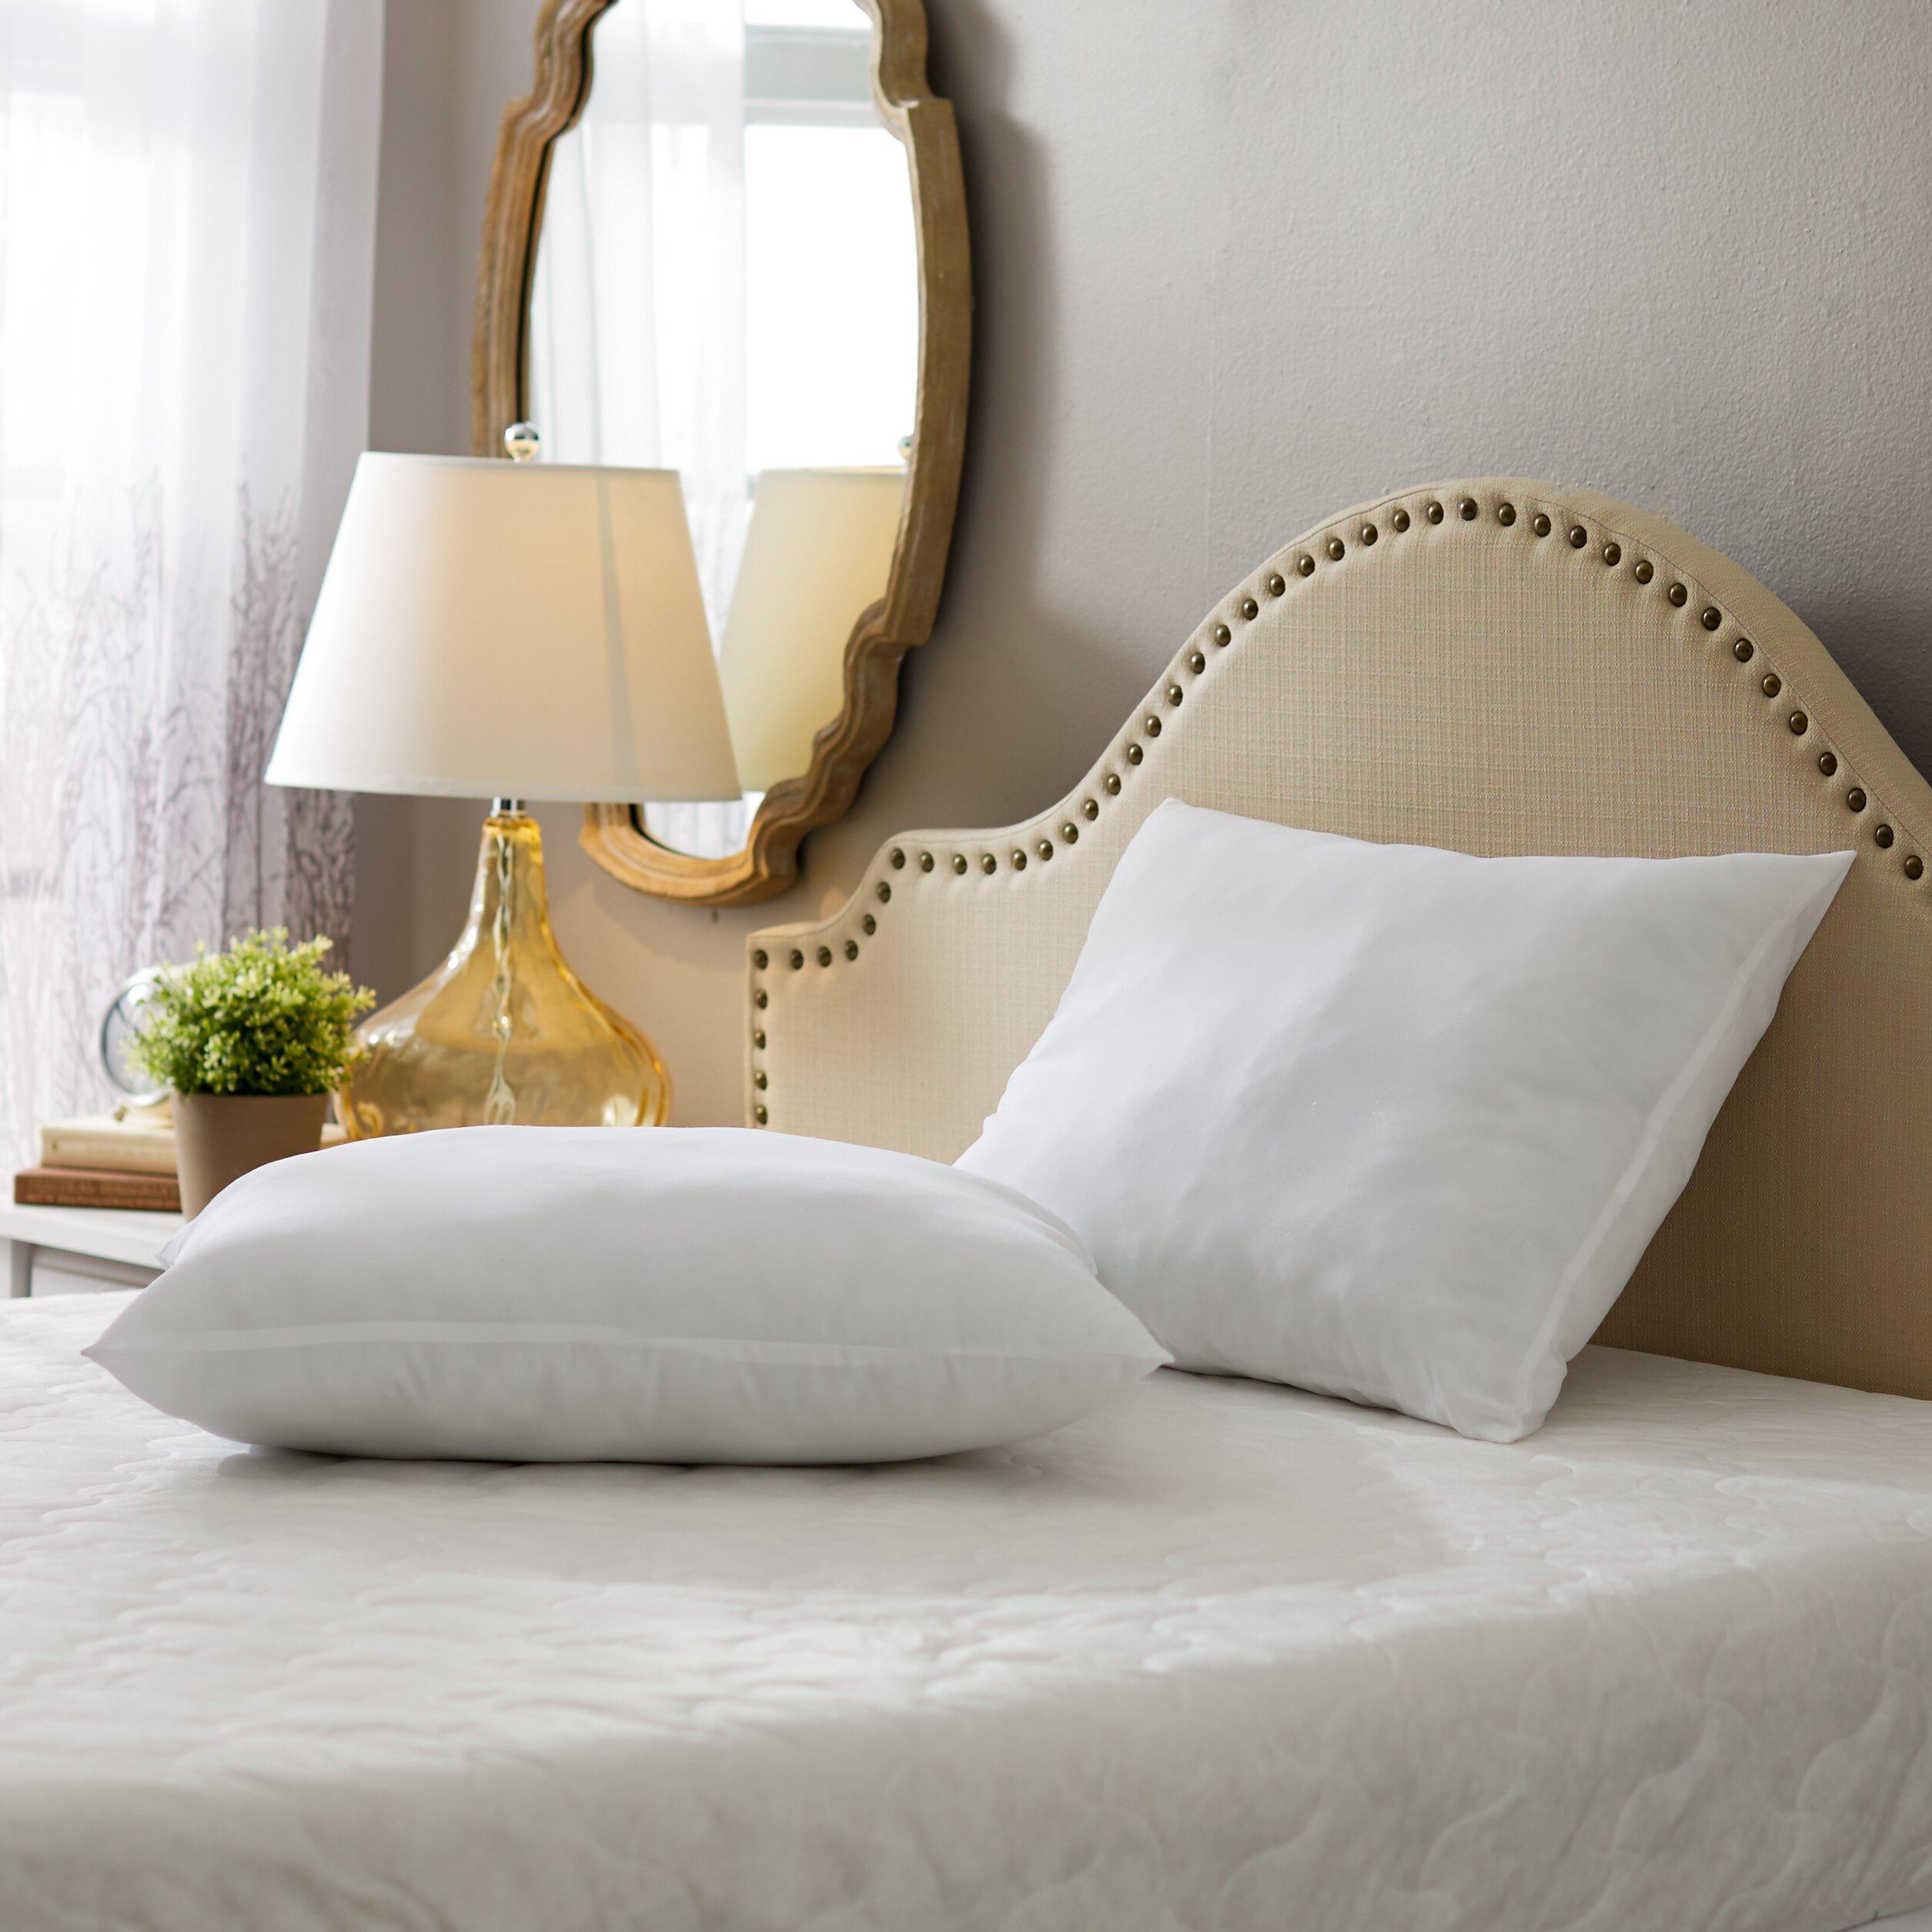 Wayfair sleep wayfair sleep medium pillow reviews for Bed pillows reviews